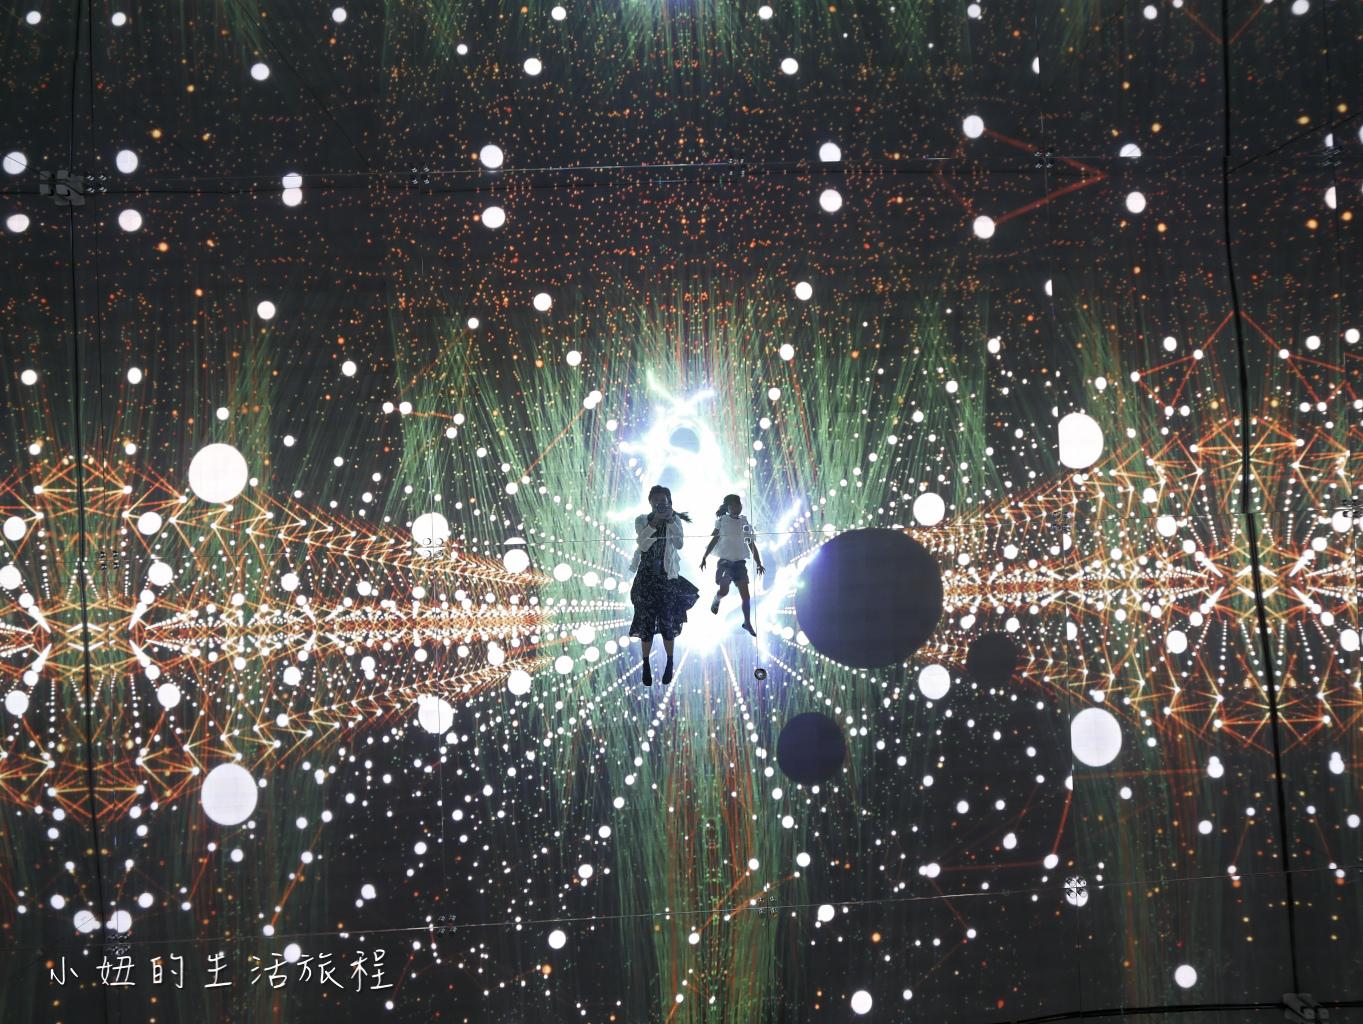 大里藝術廣場,異想新樂園-96.jpg